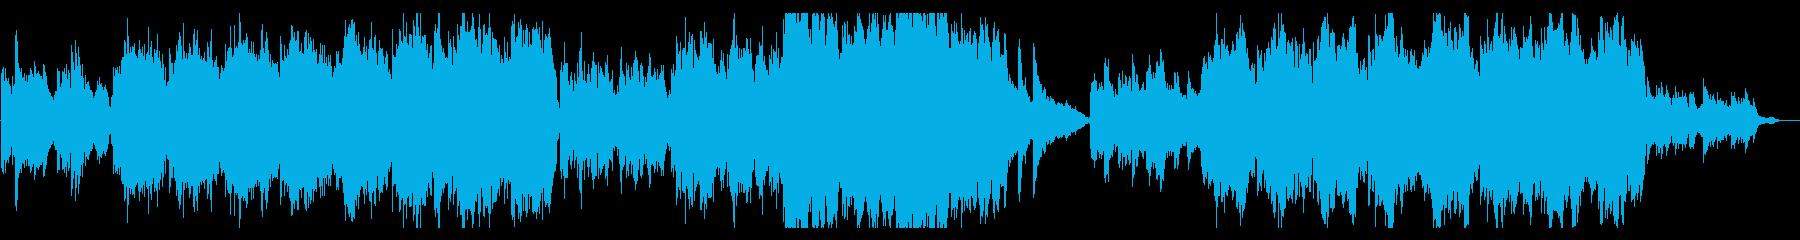 ピアノ ストリングス エピック バラードの再生済みの波形